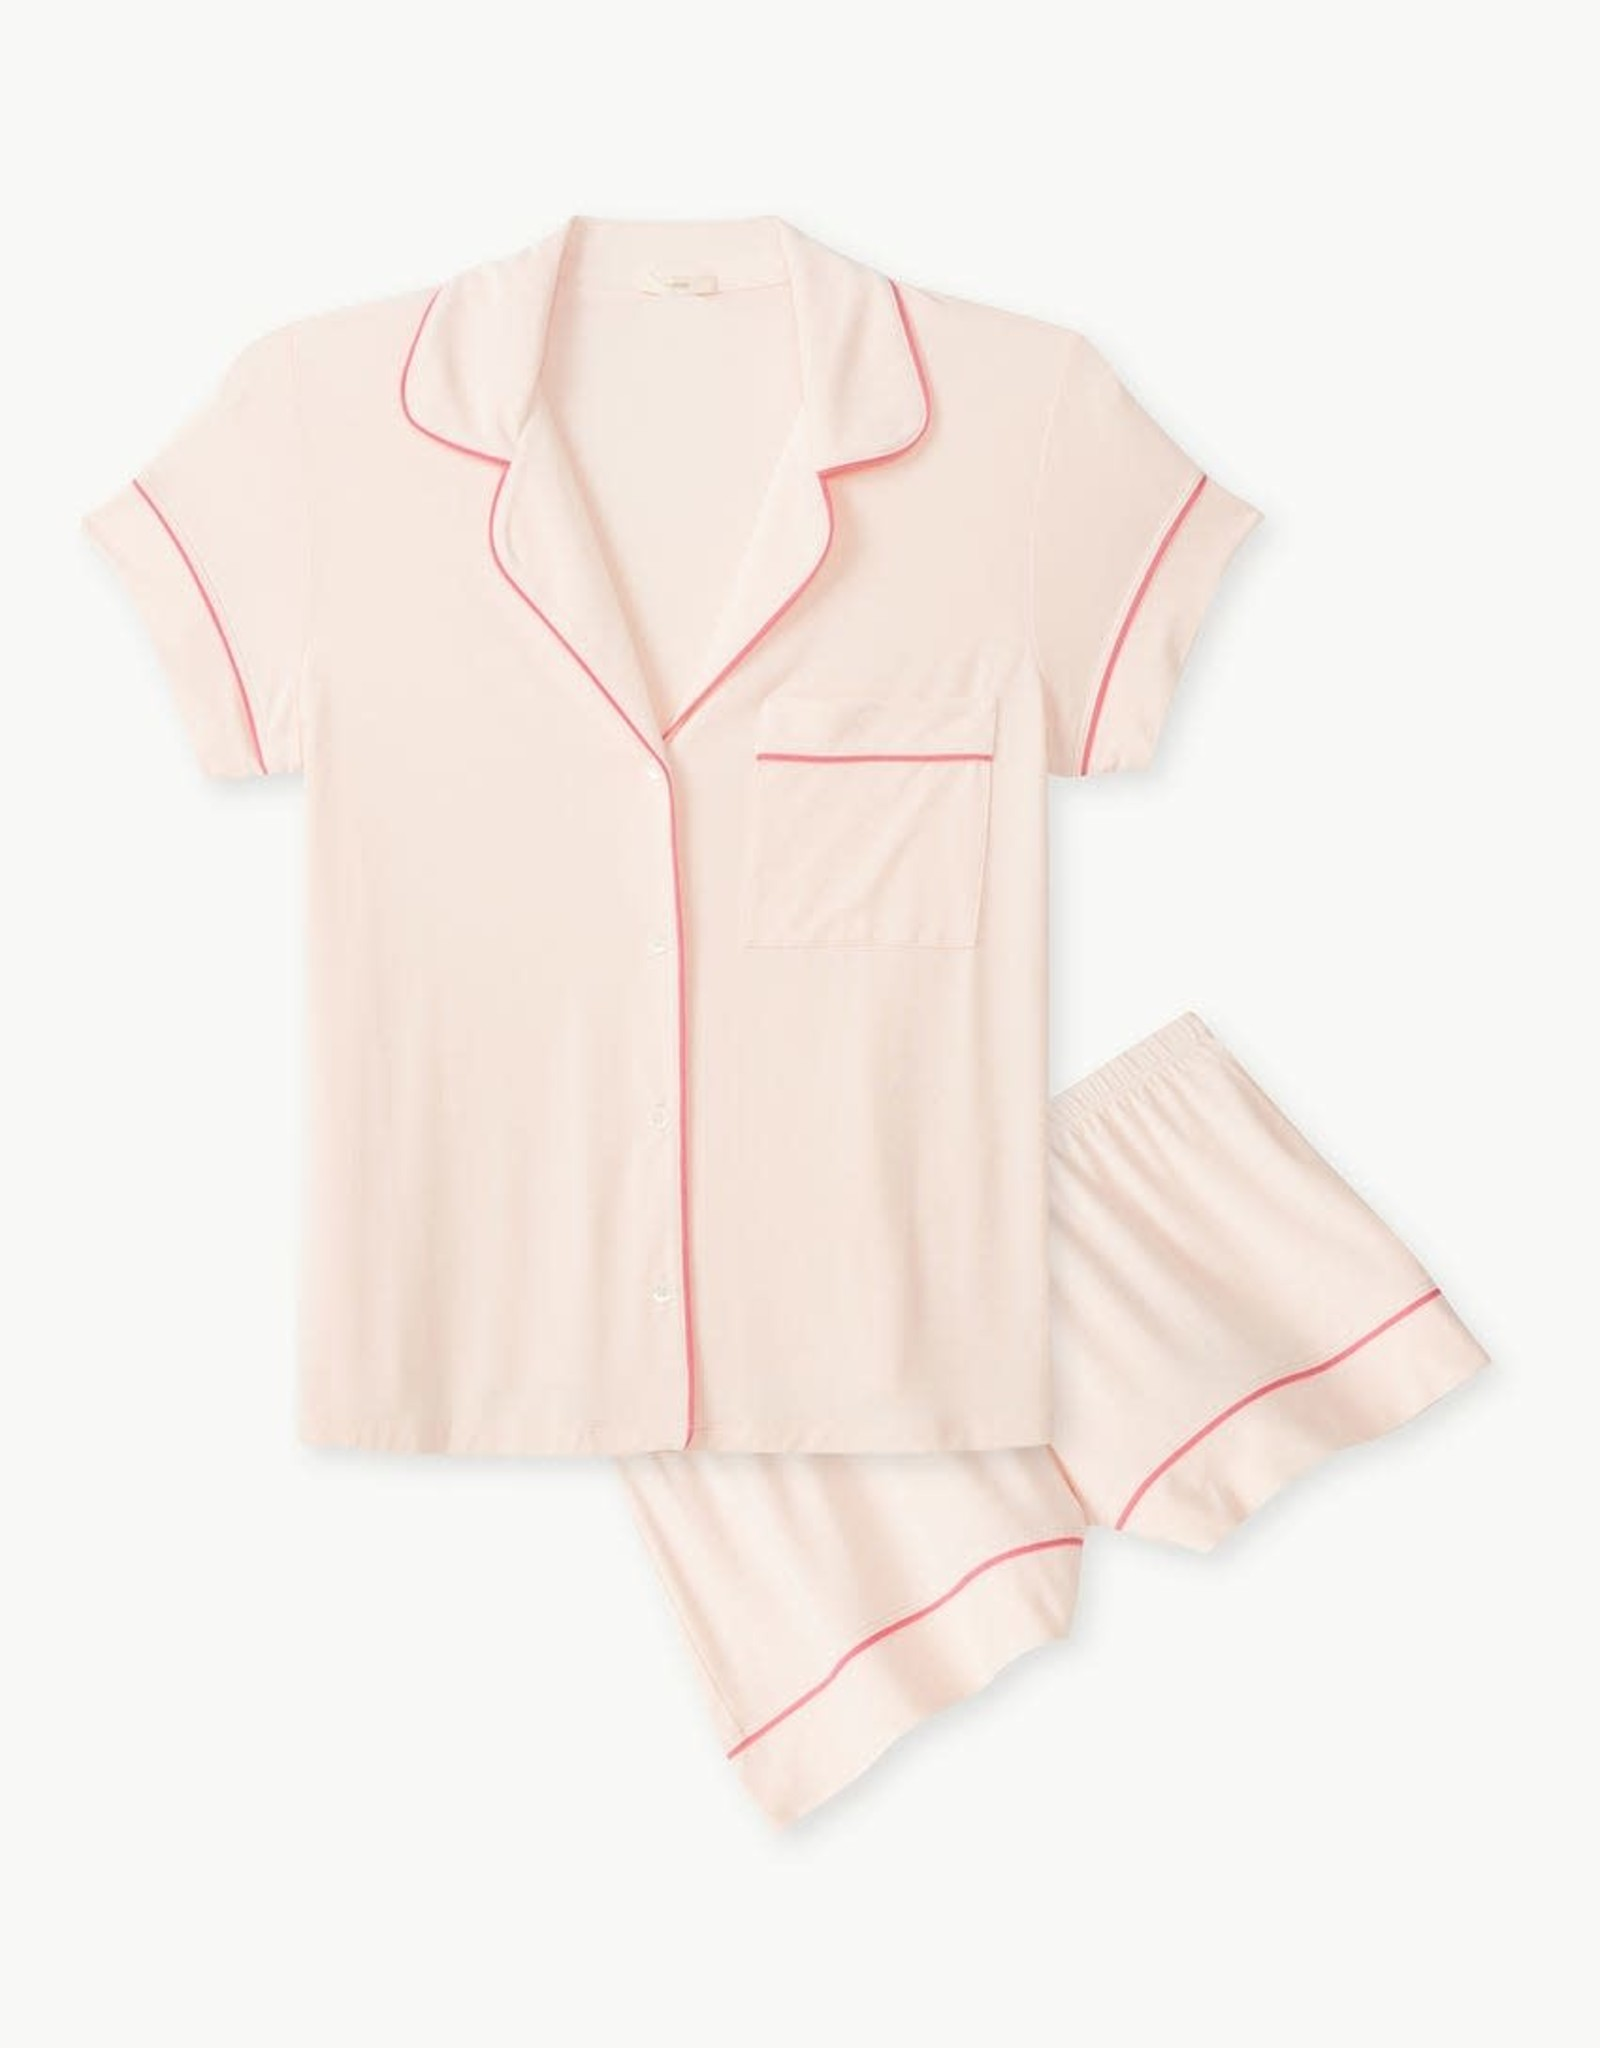 Eberjey Gisele The Short PJ Set Bellini Bright Pink